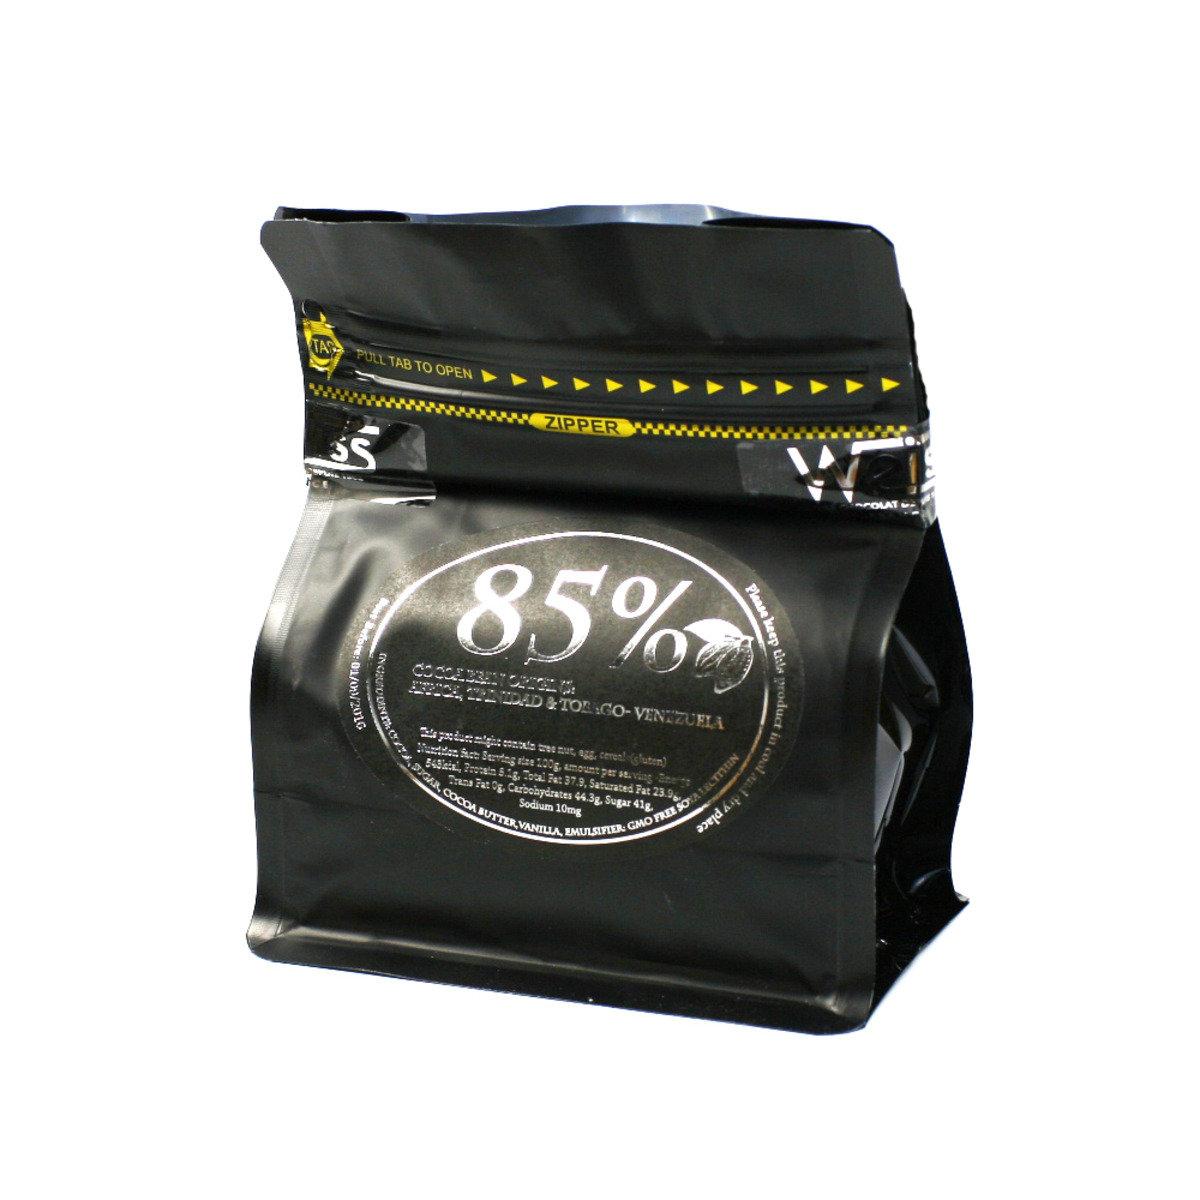 法國精選朱古力粒 85% (300g)